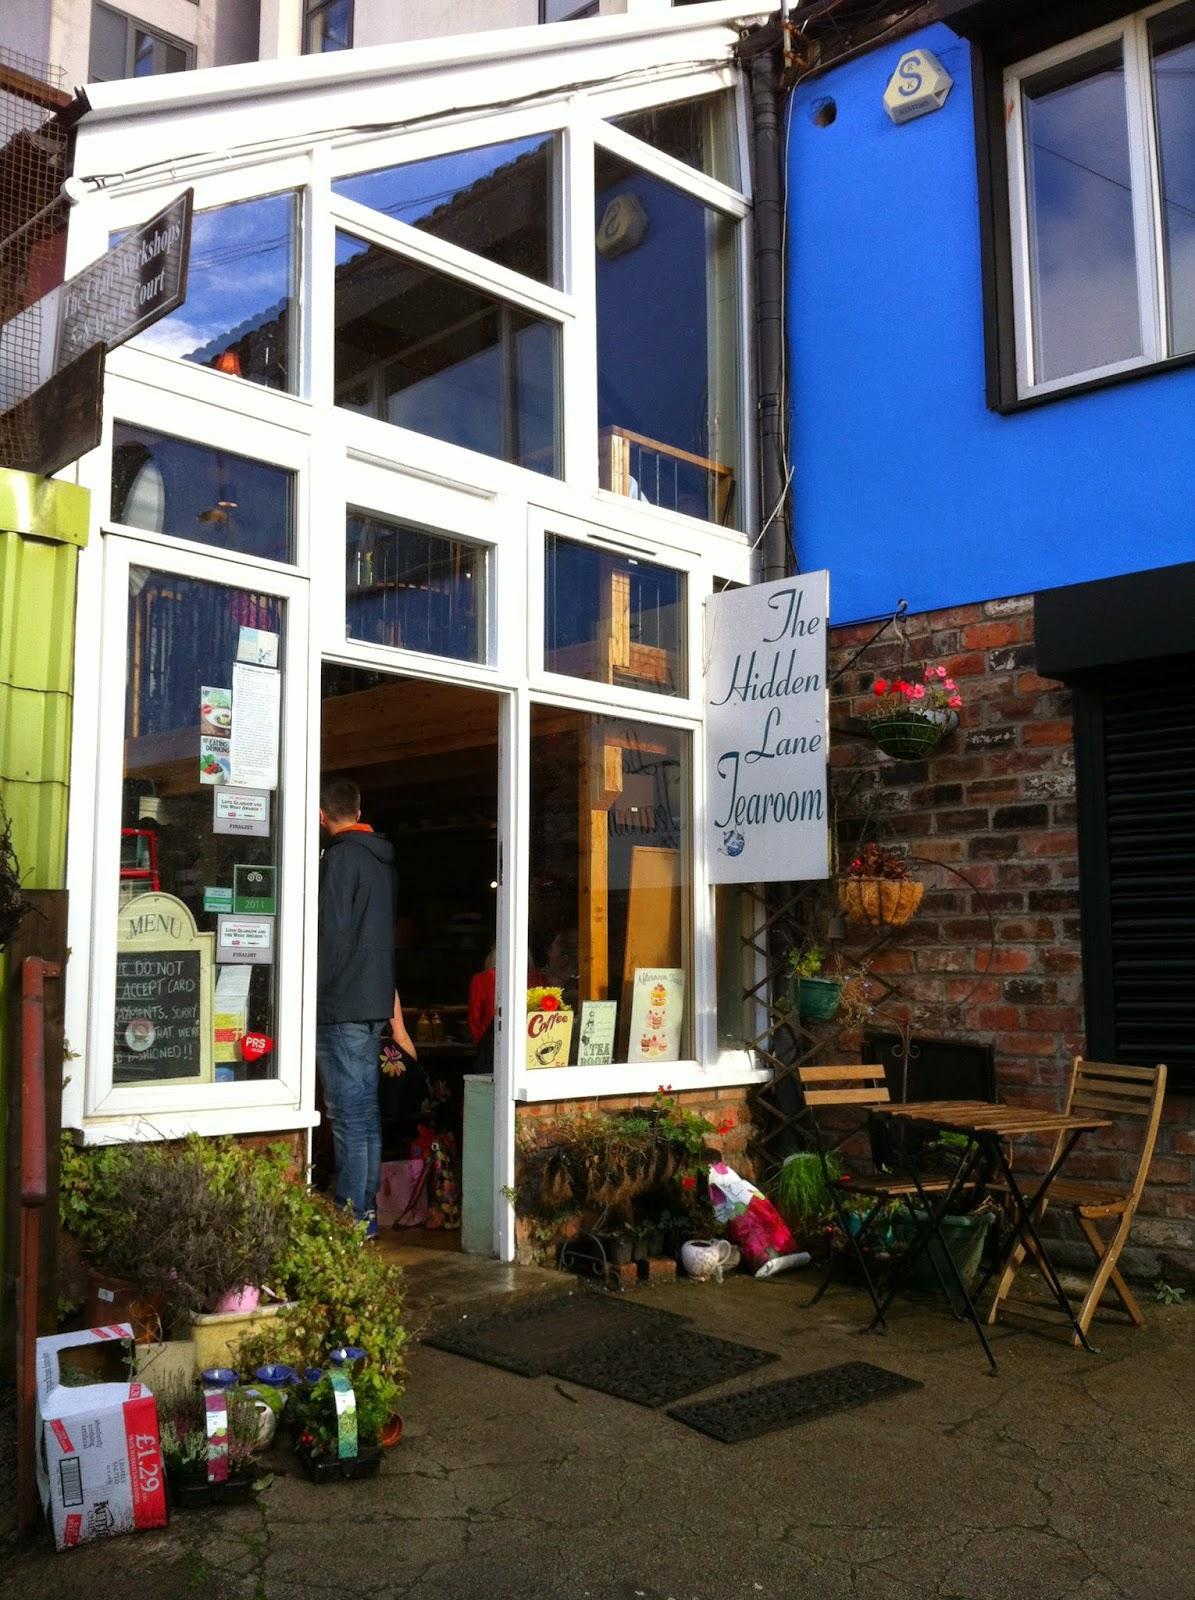 The Hidden Lane Tearoom Book Restaurants Online With